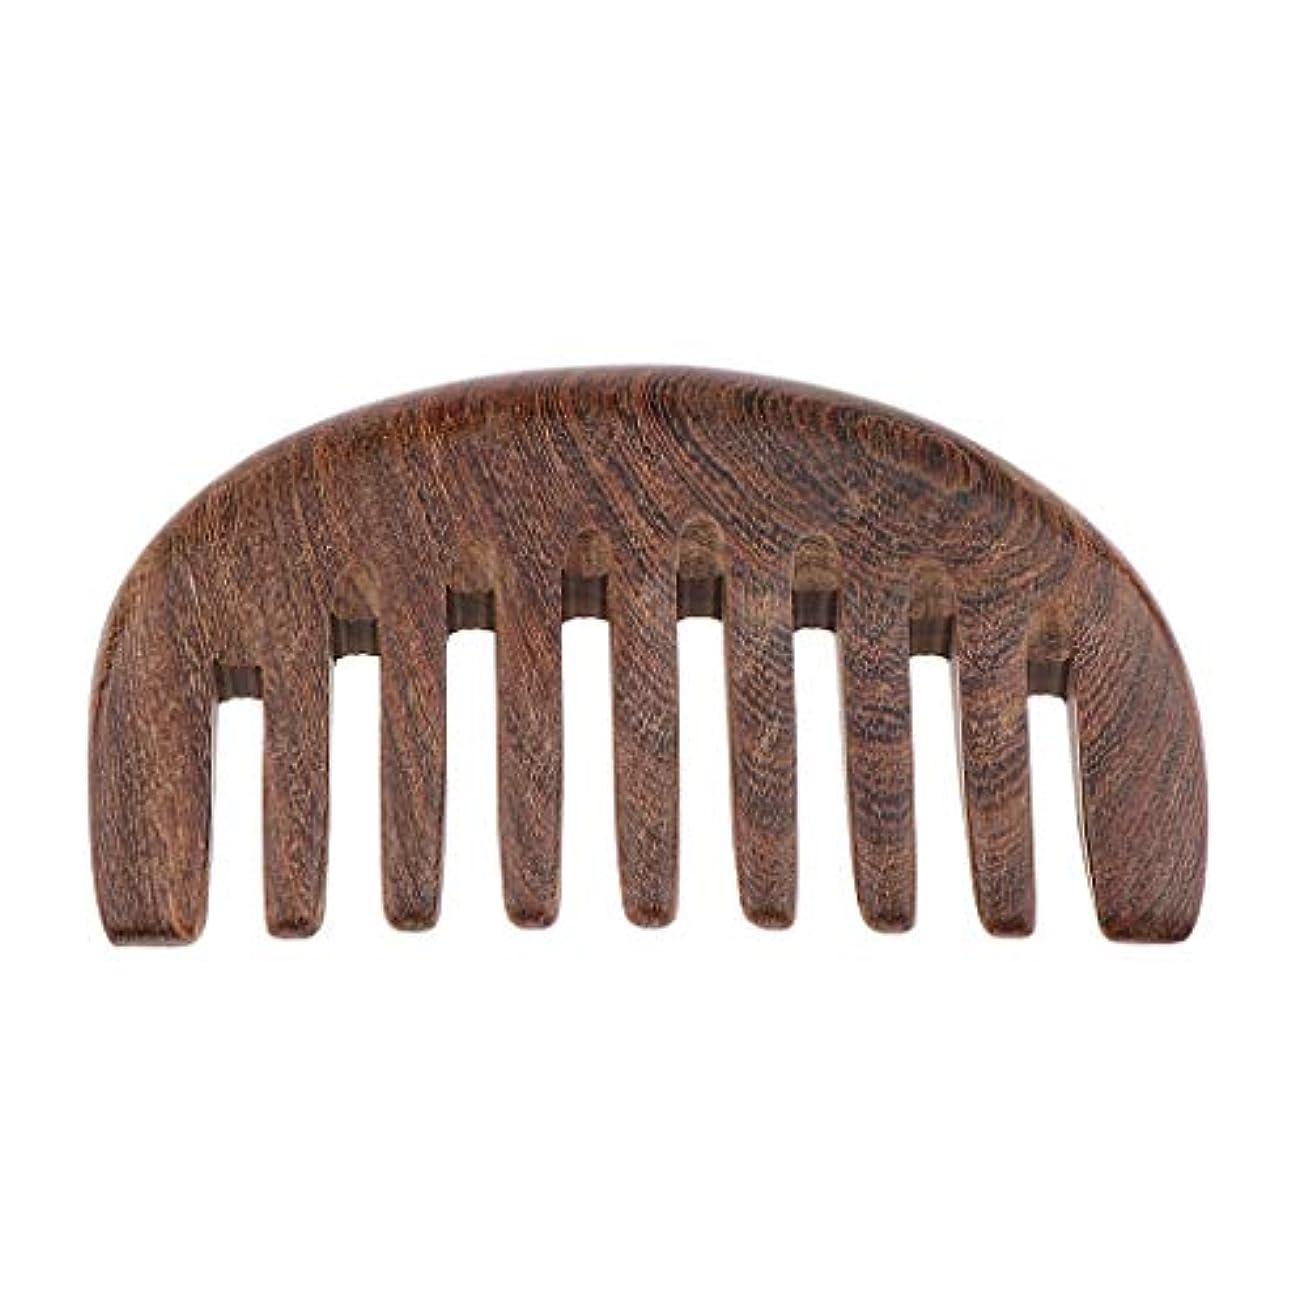 柔らかい足そんなに印象SM SunniMix 木製ヘアコーム 手作り 櫛 ナチュラル木製 マッサージコーム 3色選べ - クロロフォラ